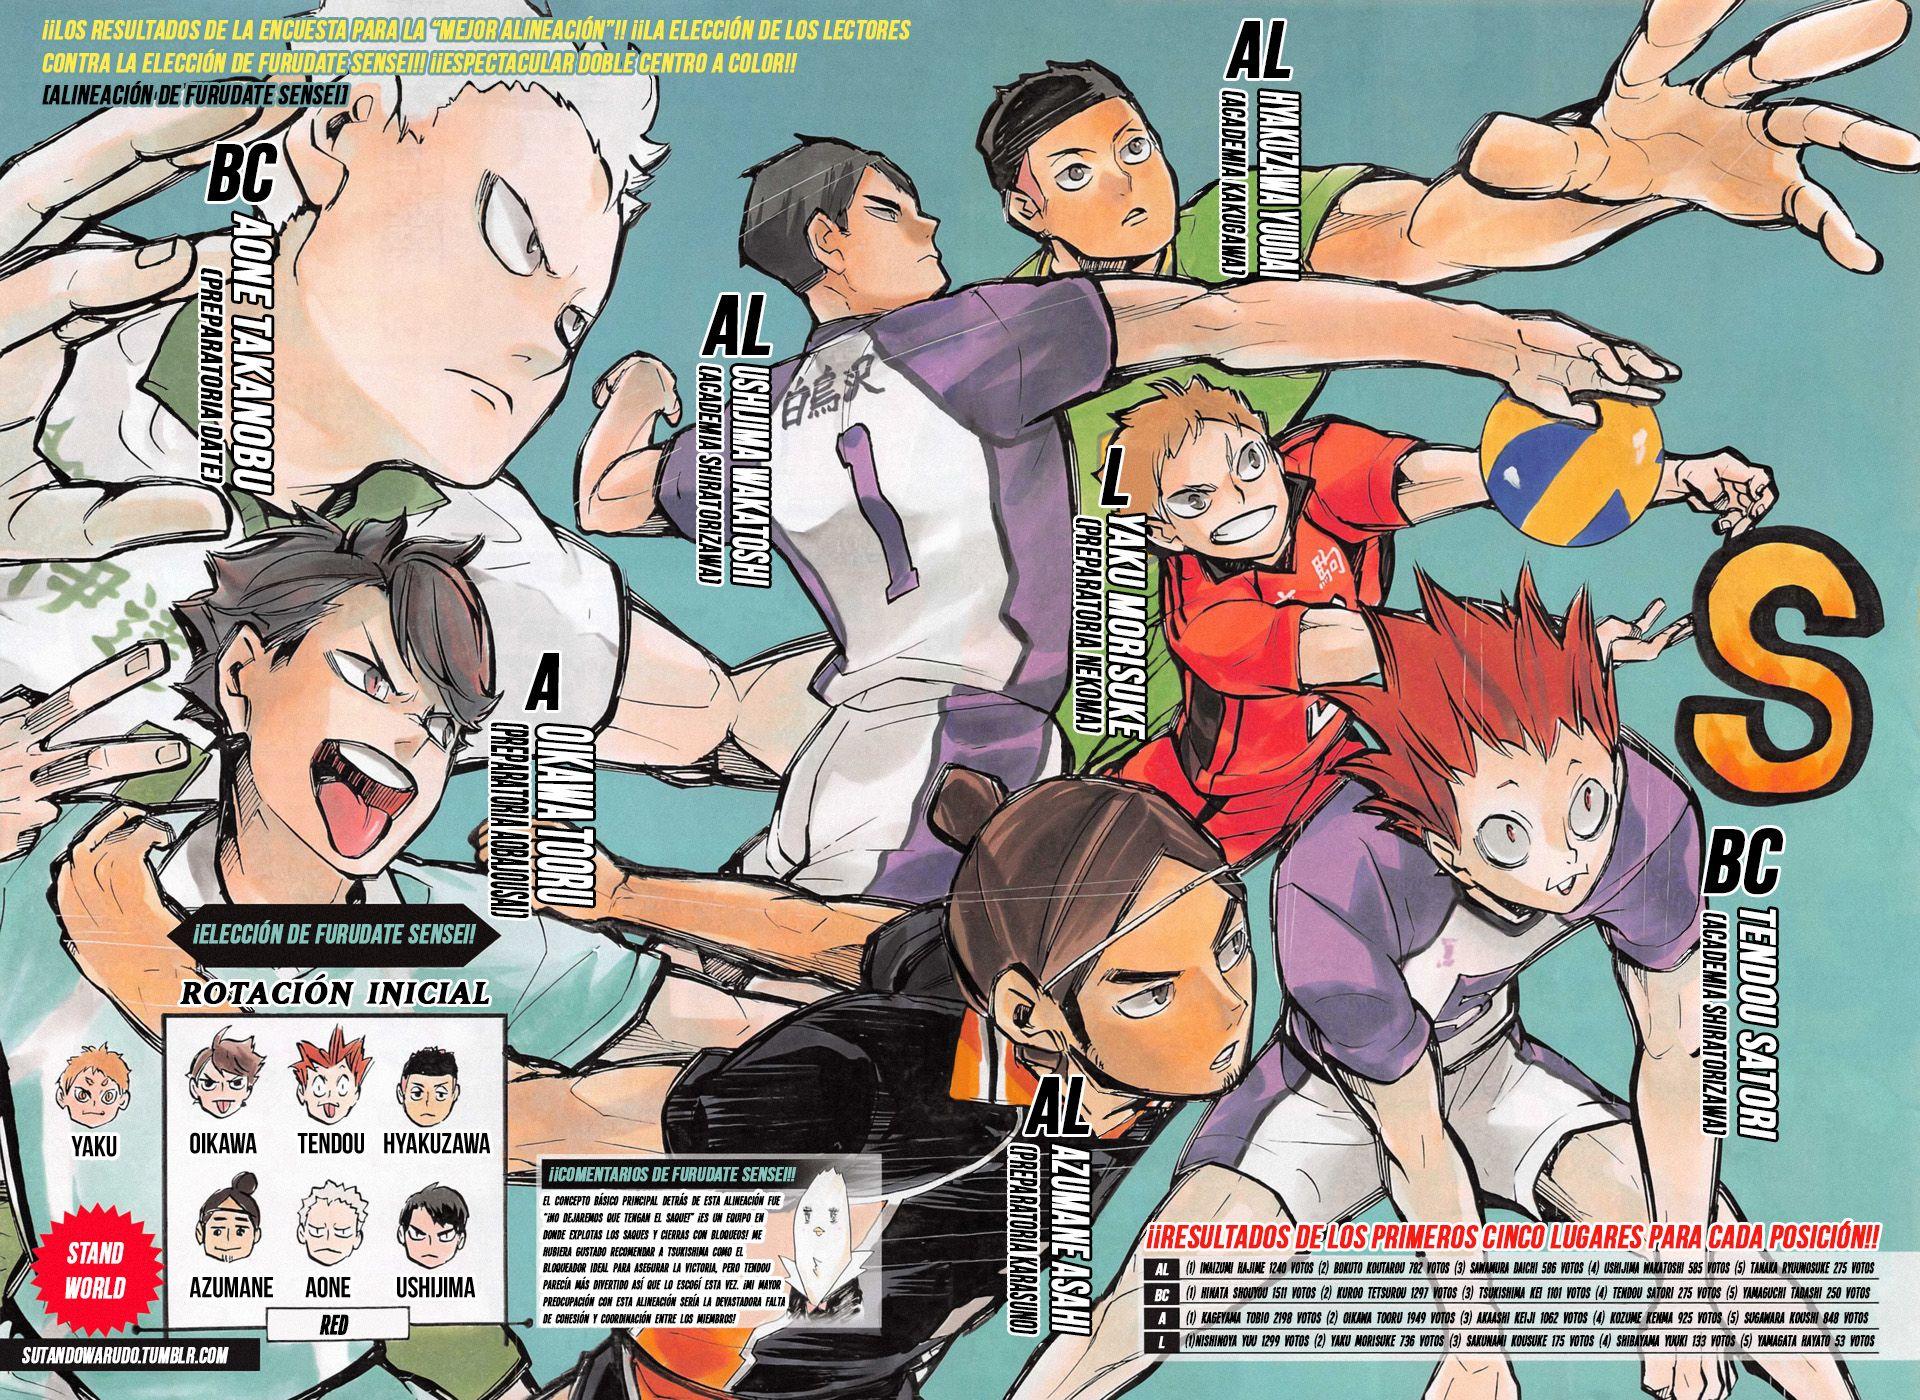 https://c5.ninemanga.com/es_manga/10/10/482839/1ad4dc0986f8e453fad705c87ed6dfda.jpg Page 4